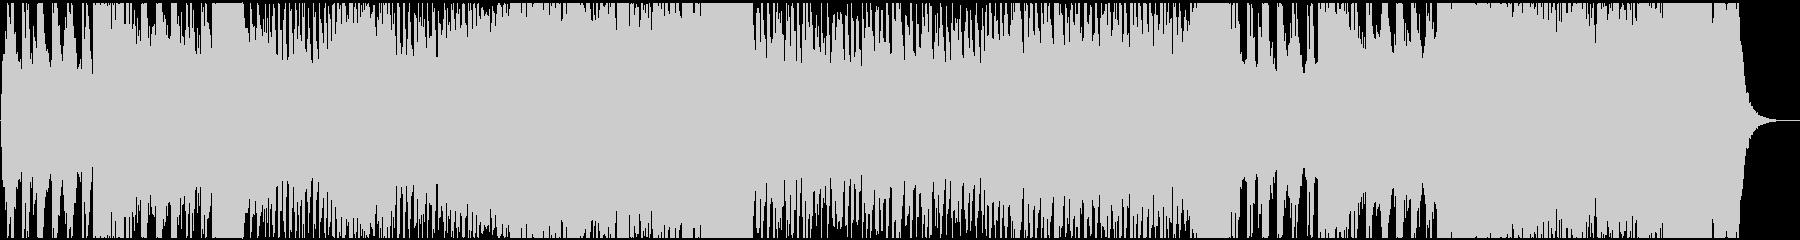 コーラス付き映画・ゲームのバトルBGMの未再生の波形